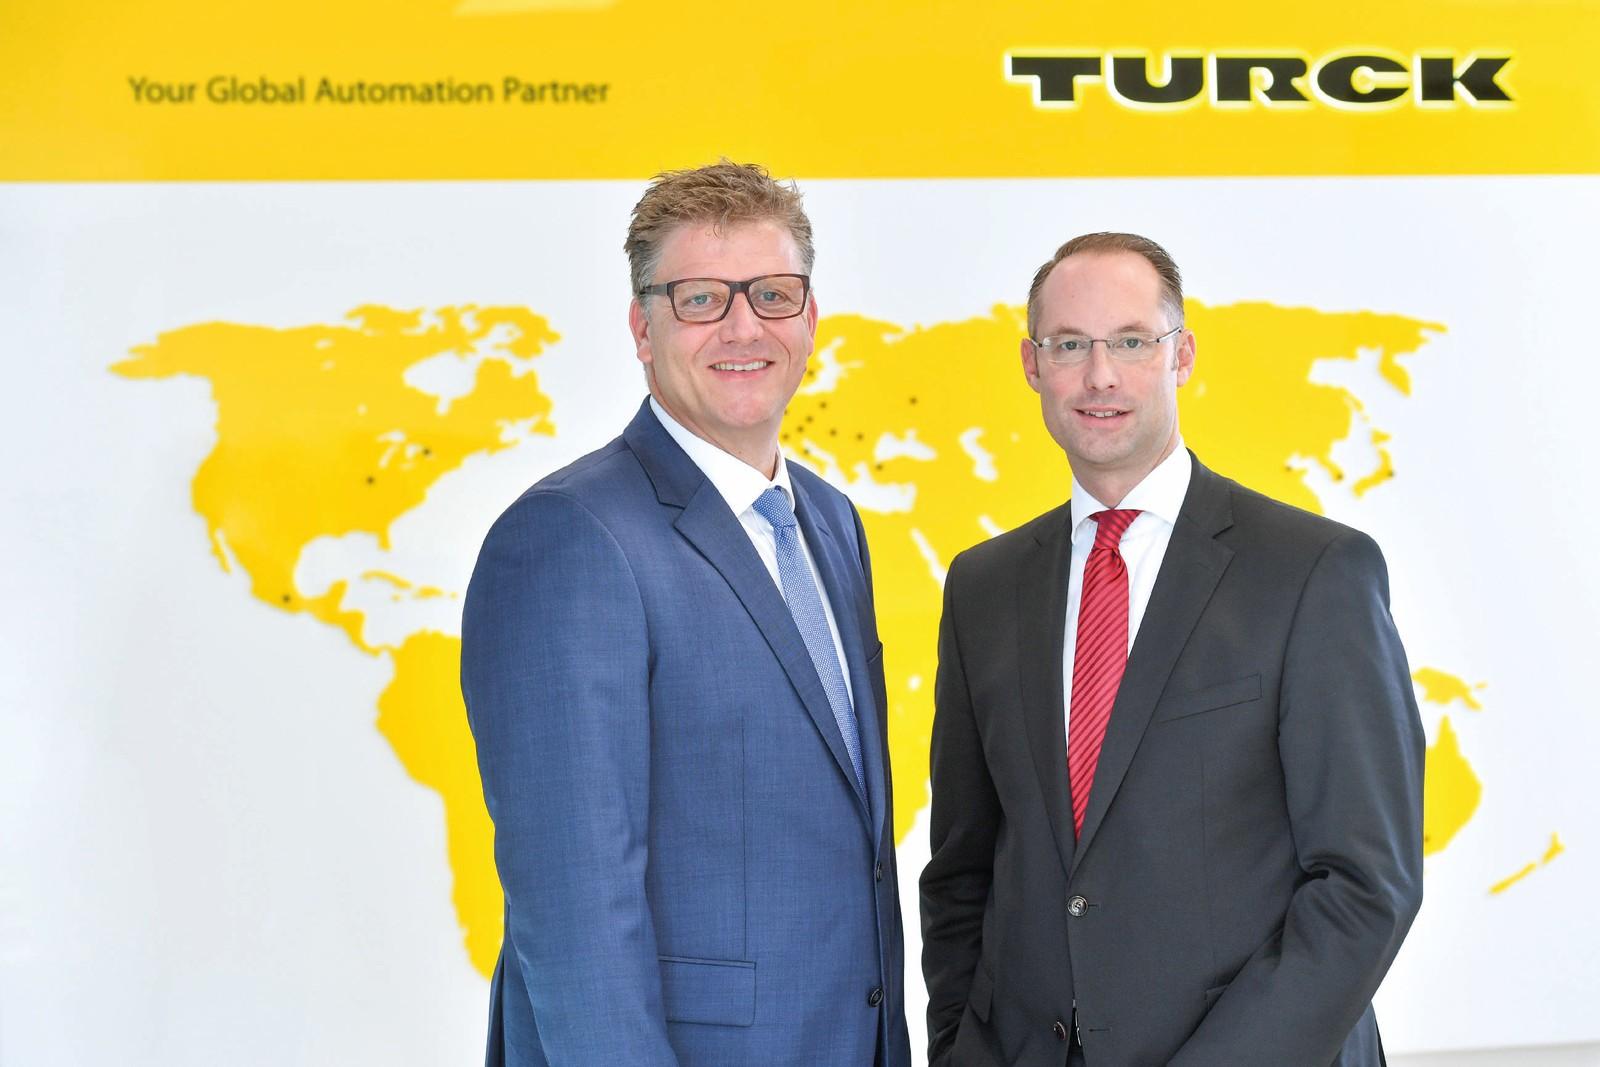 Christian Pauli und Christian Wolf, Geschäftsführer der Turck-Holding (v. l.), wollen für das welteweite Wachstum internationale optimale Strukturen für Produktion, Logistik und Vertrieb der Turck-Gruppe schaffen.